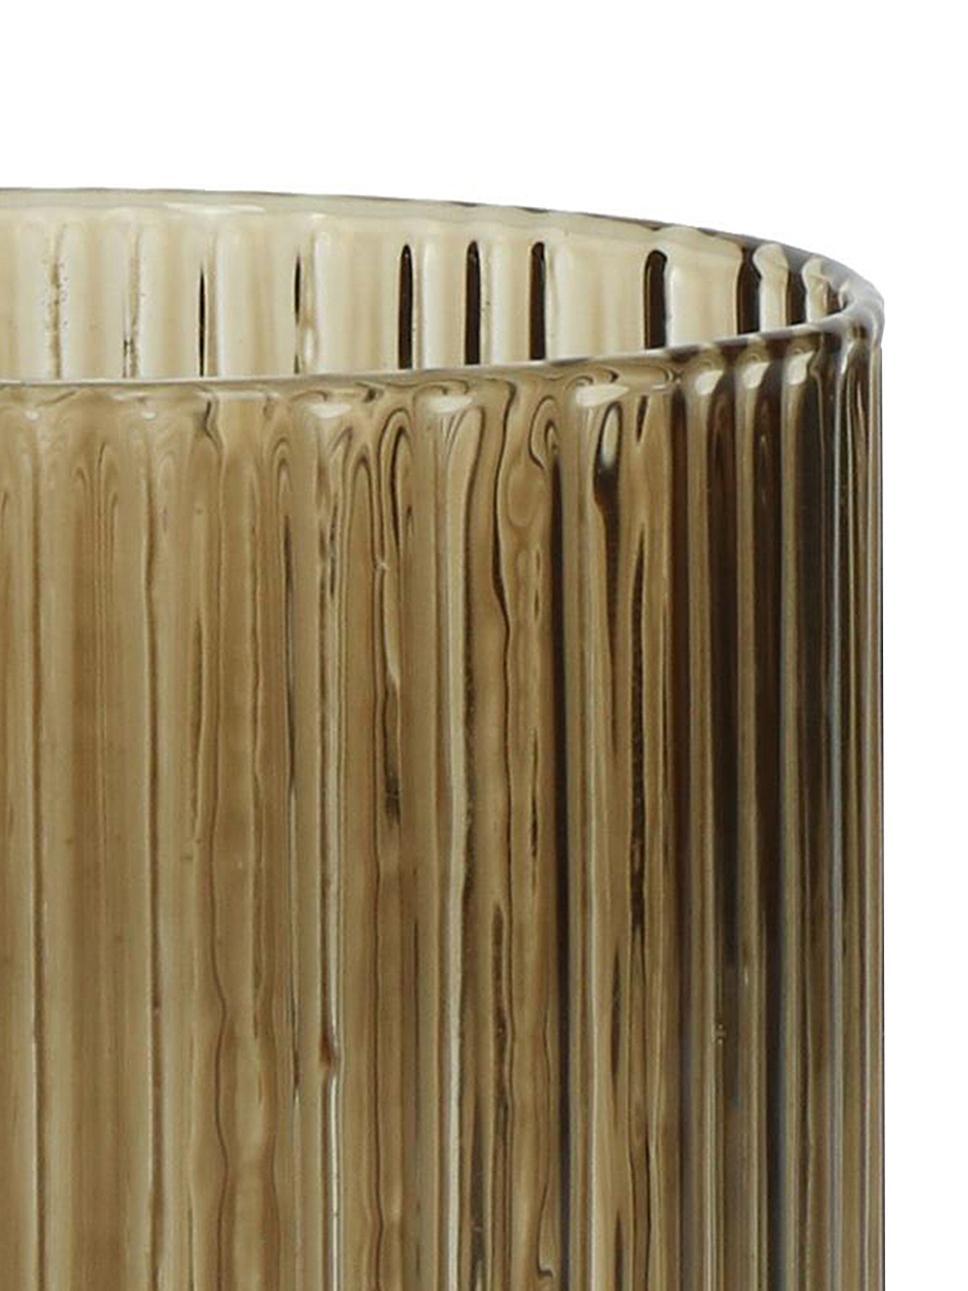 Wassergläser Canise mit Rillenstruktur in Braun, 6er-Set, Glas, Bernsteinfarben, Ø 8 x H 9 cm